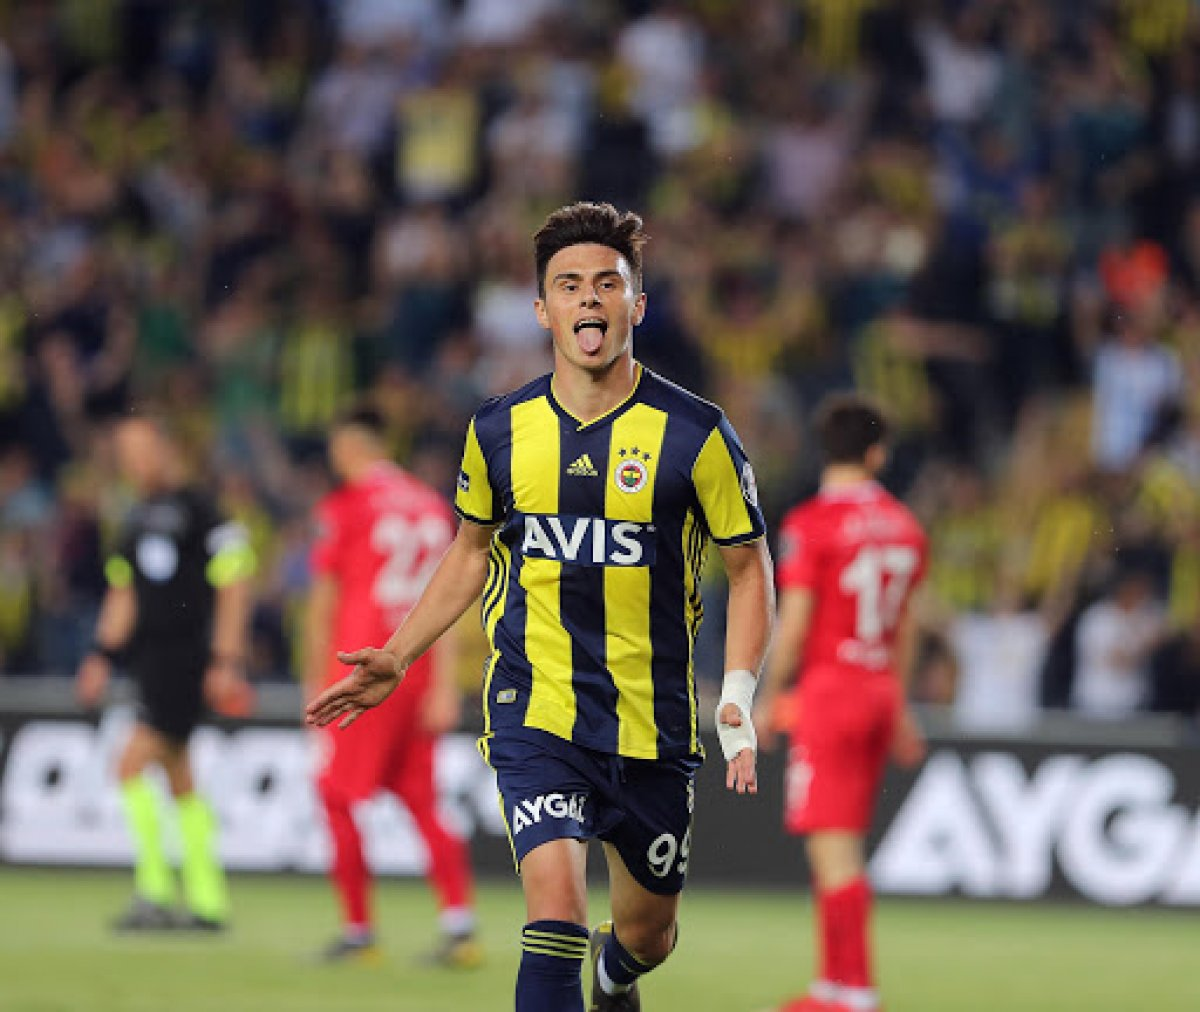 Fenerbahçe, Elif Elmas tan yine kazandı #2